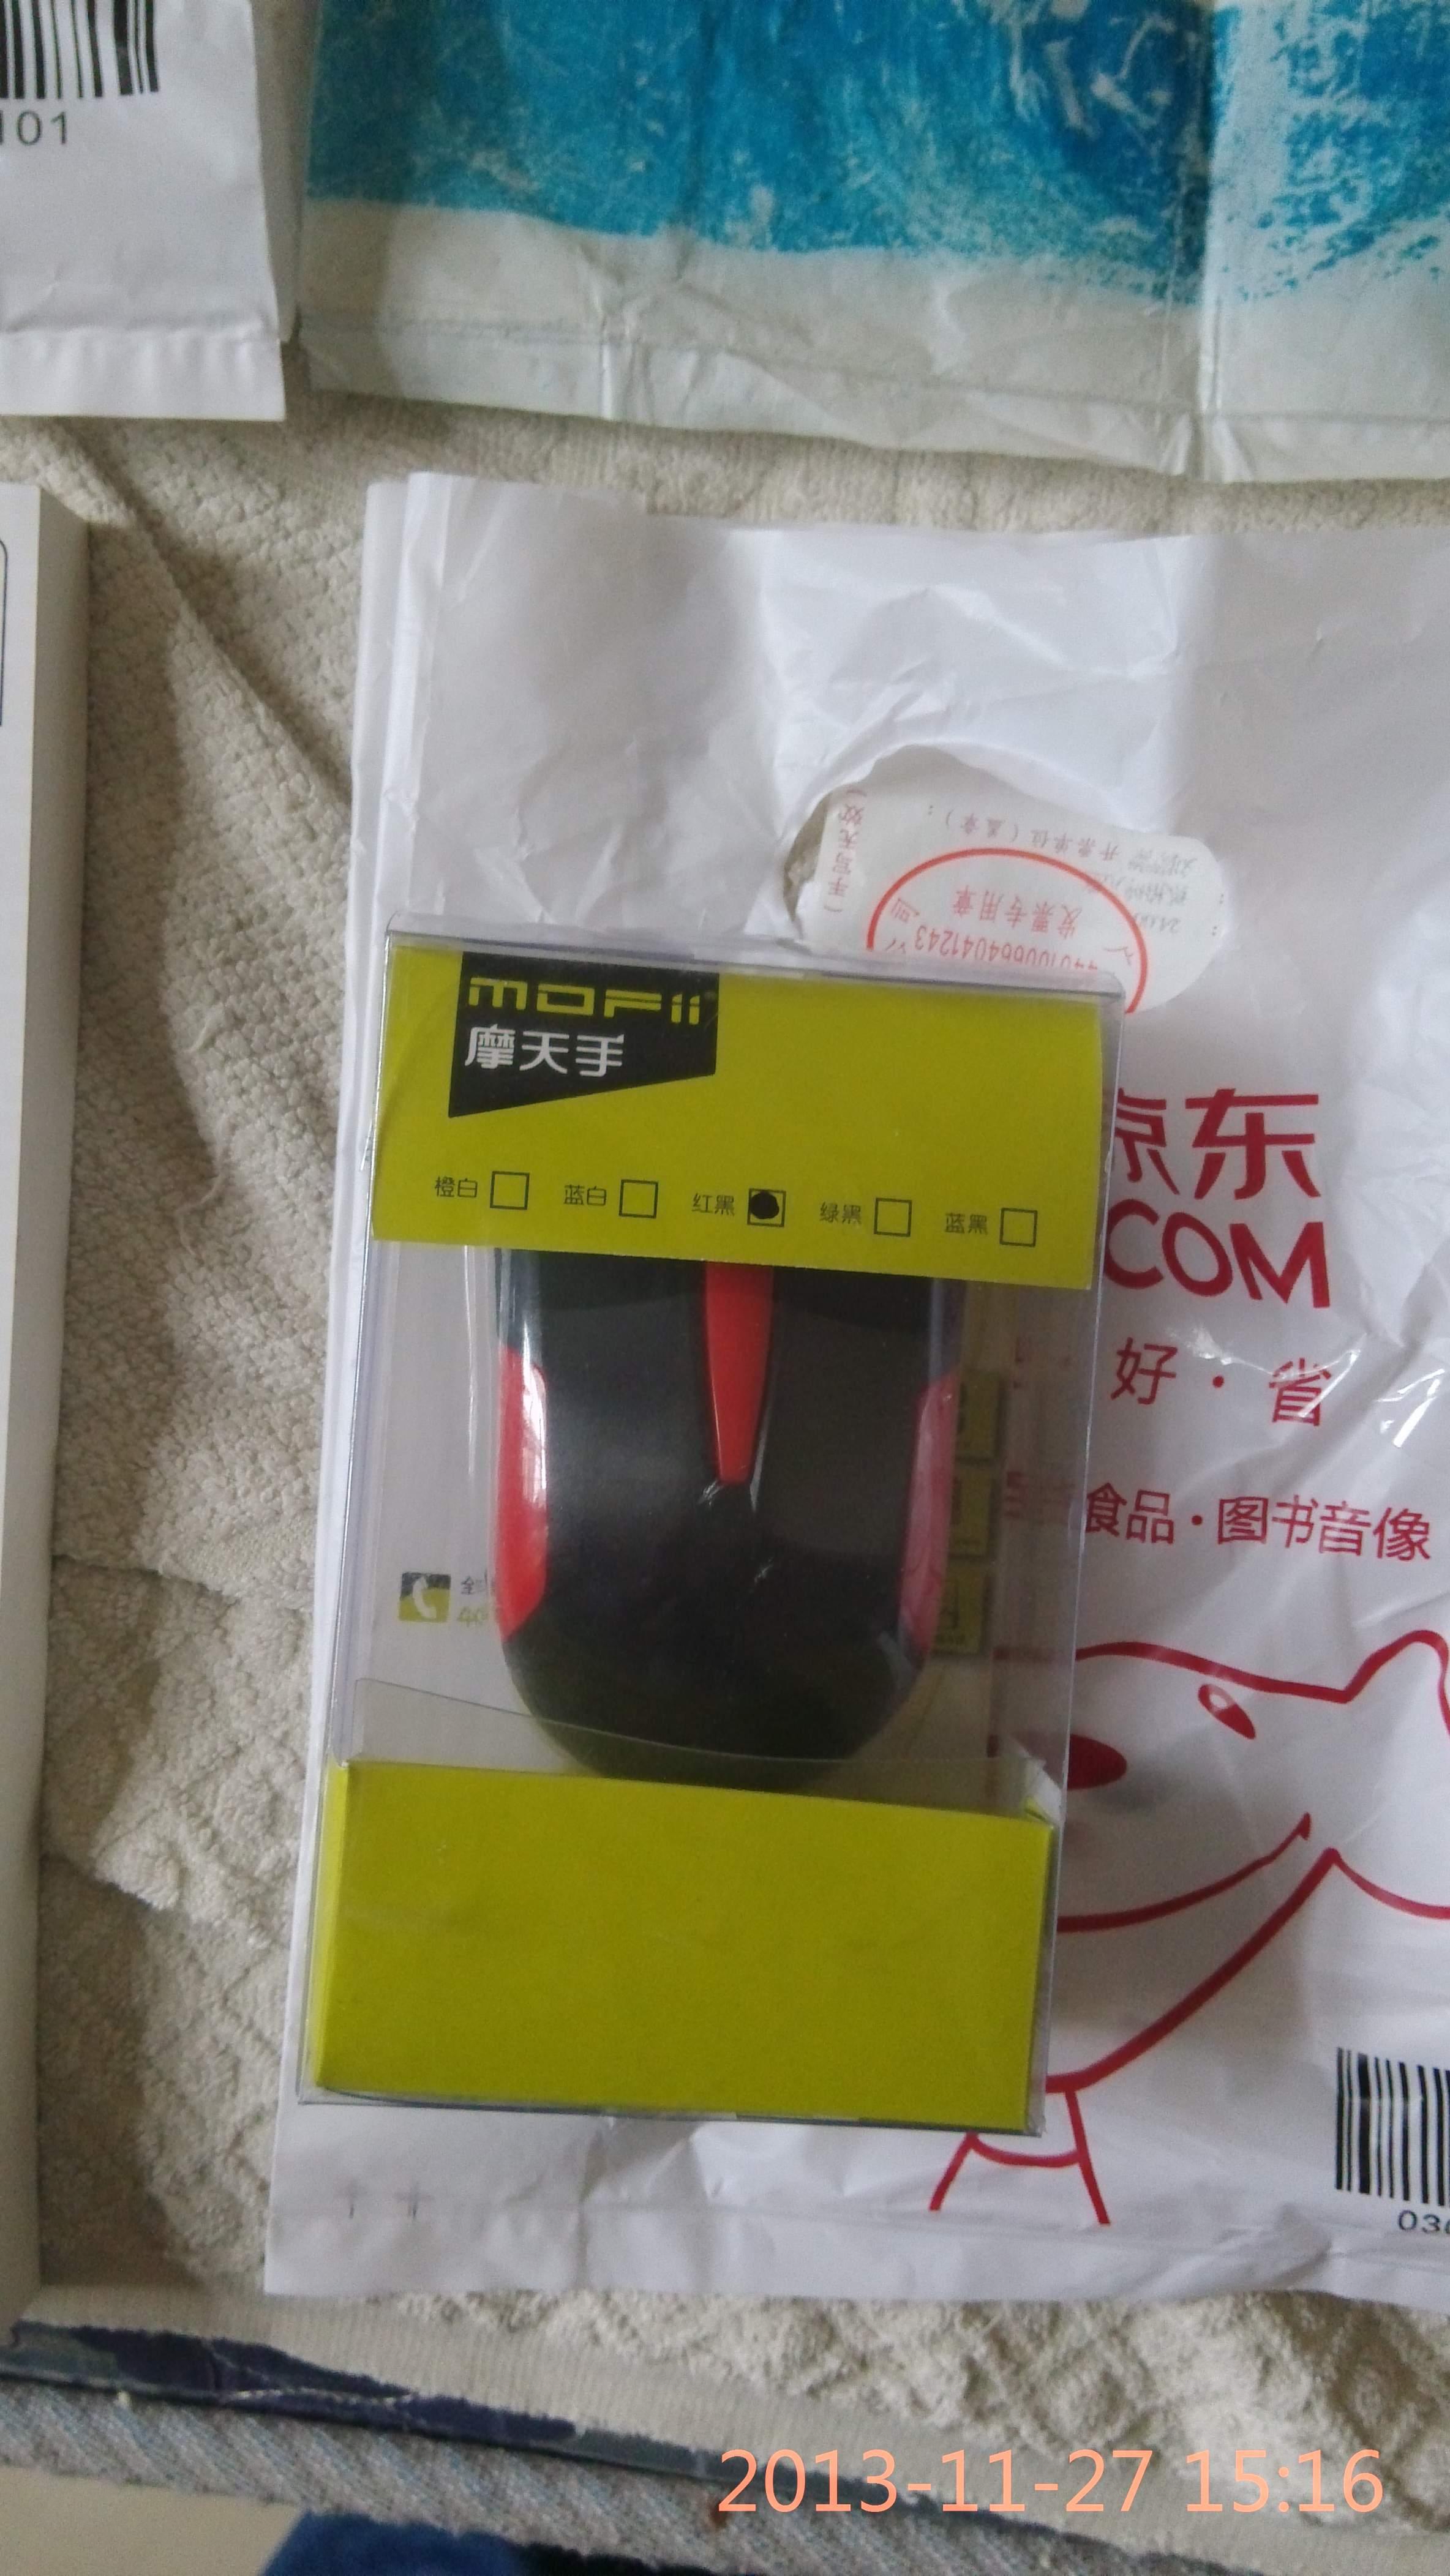 womens running shoe 00260090 wholesale